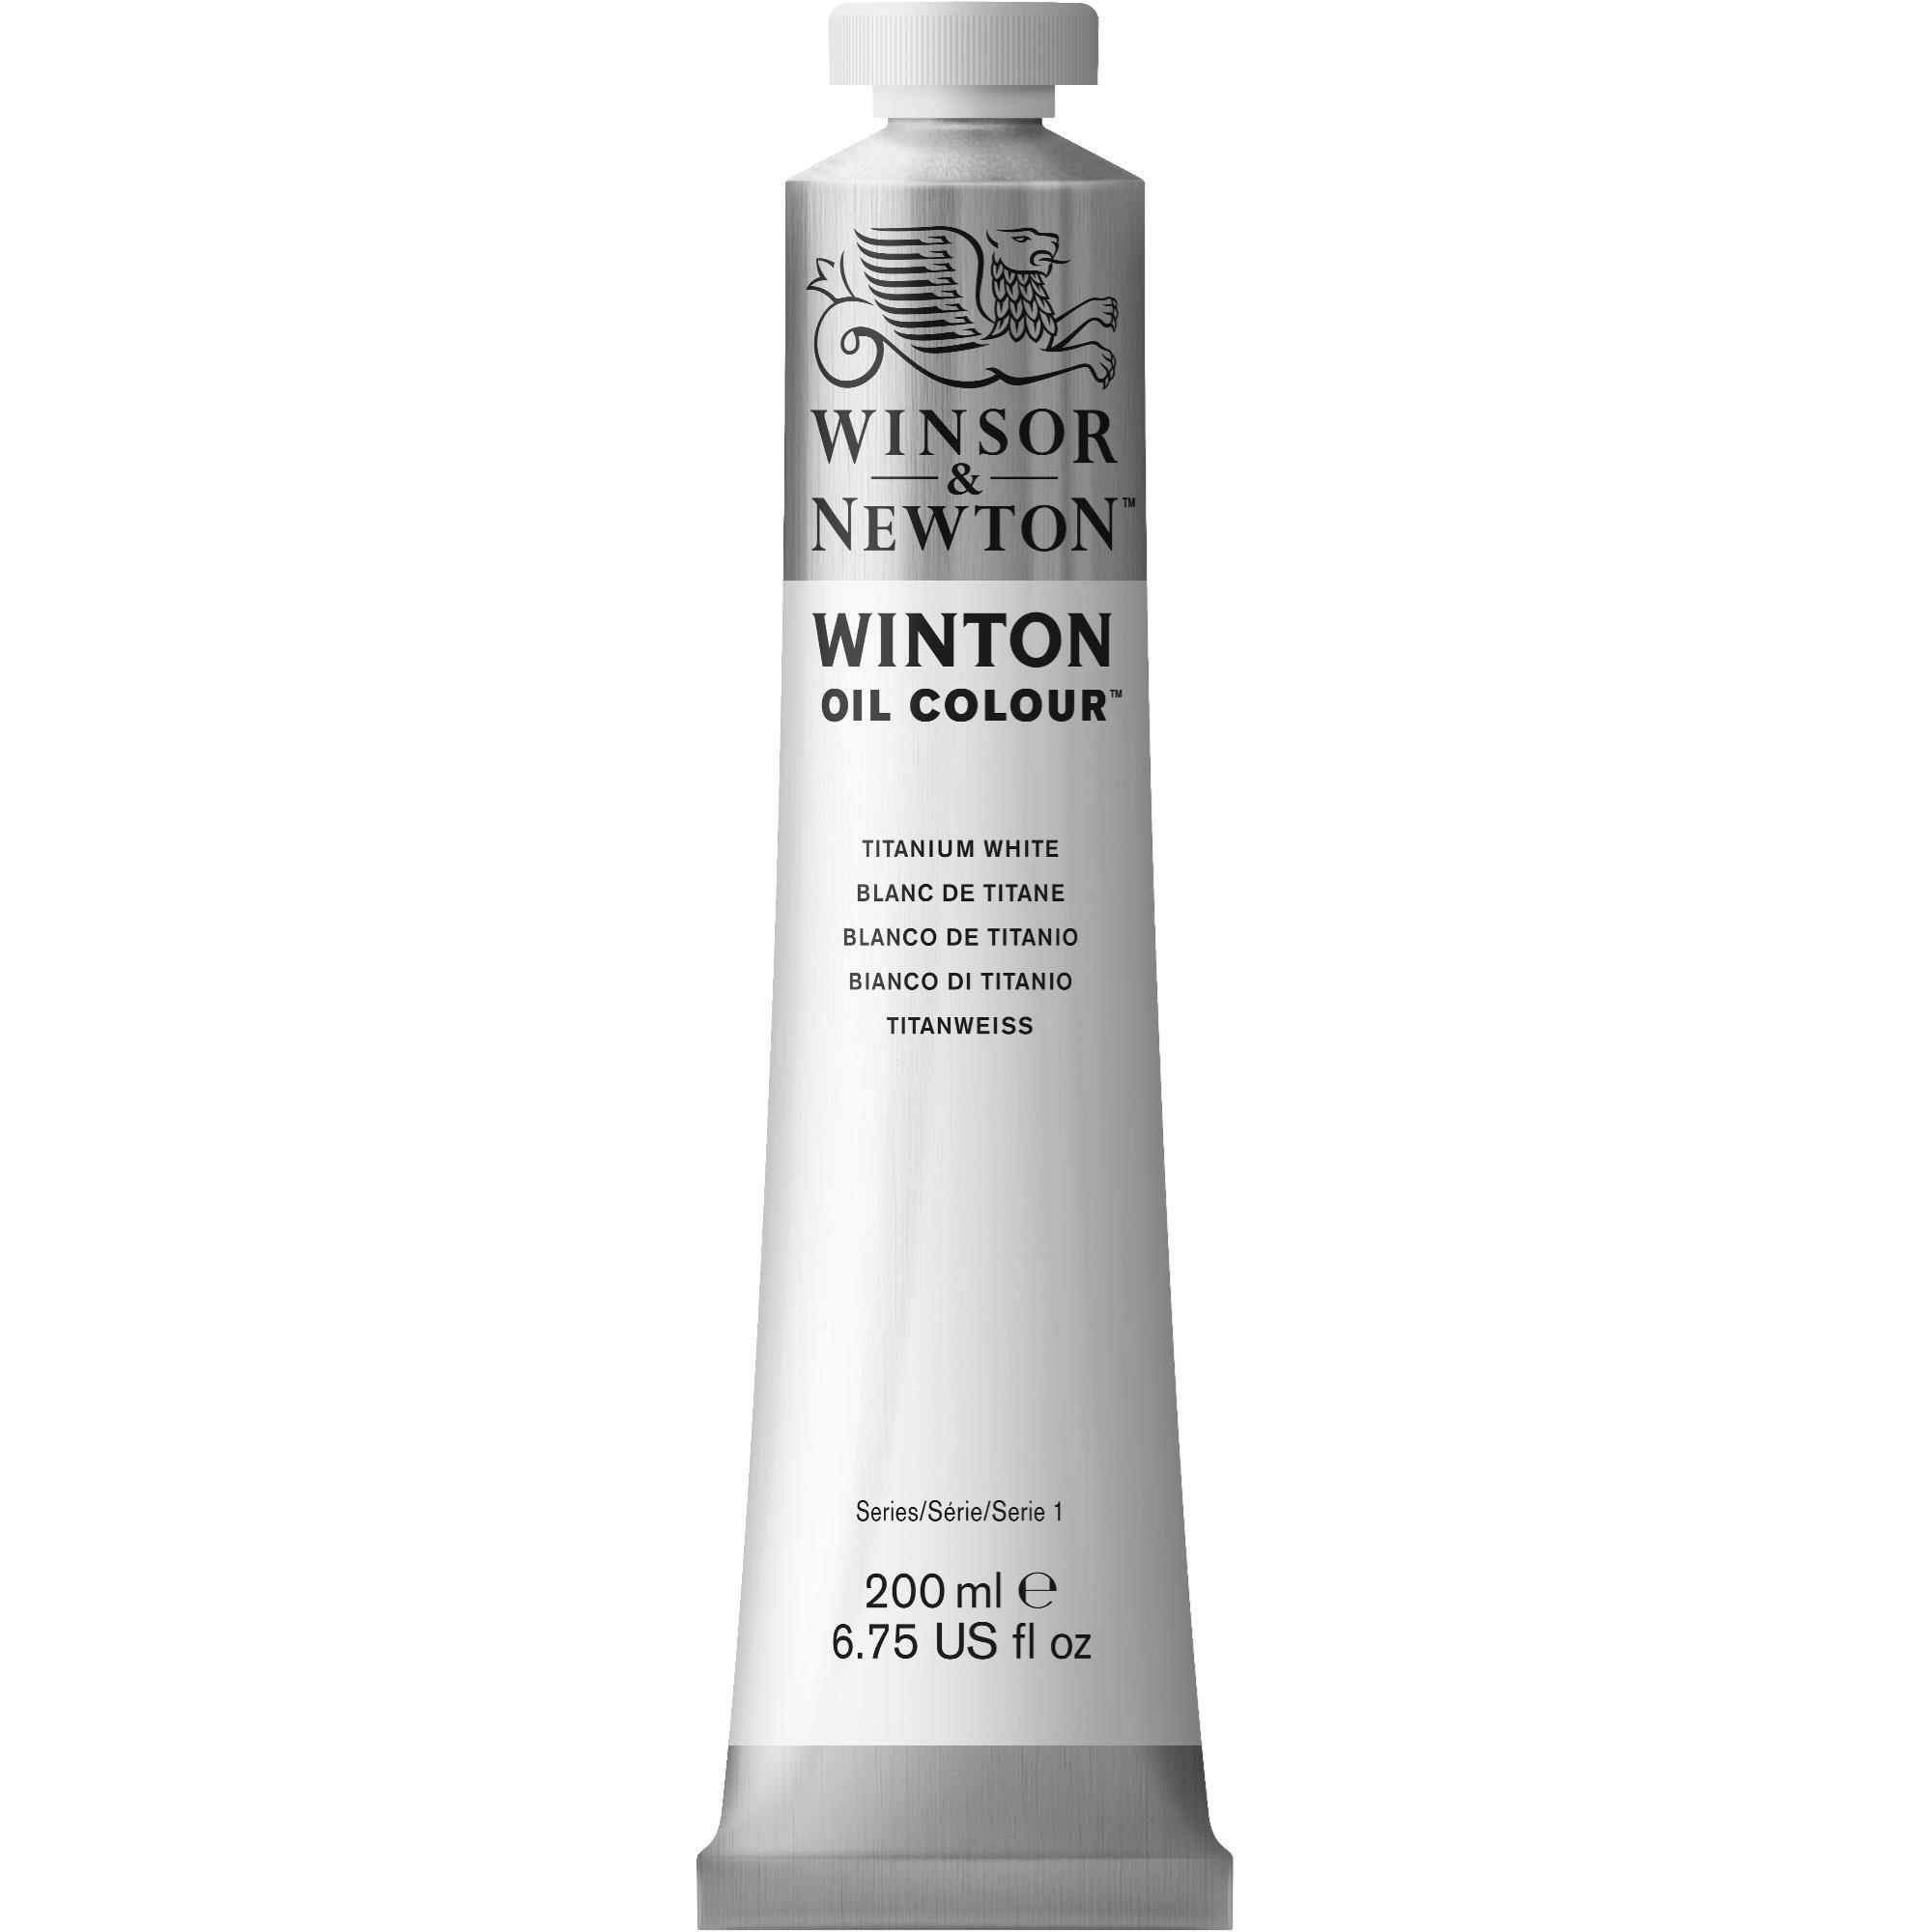 Winsor & Newton Winton Oil Colour Paint, 200ml tube, Titanium White